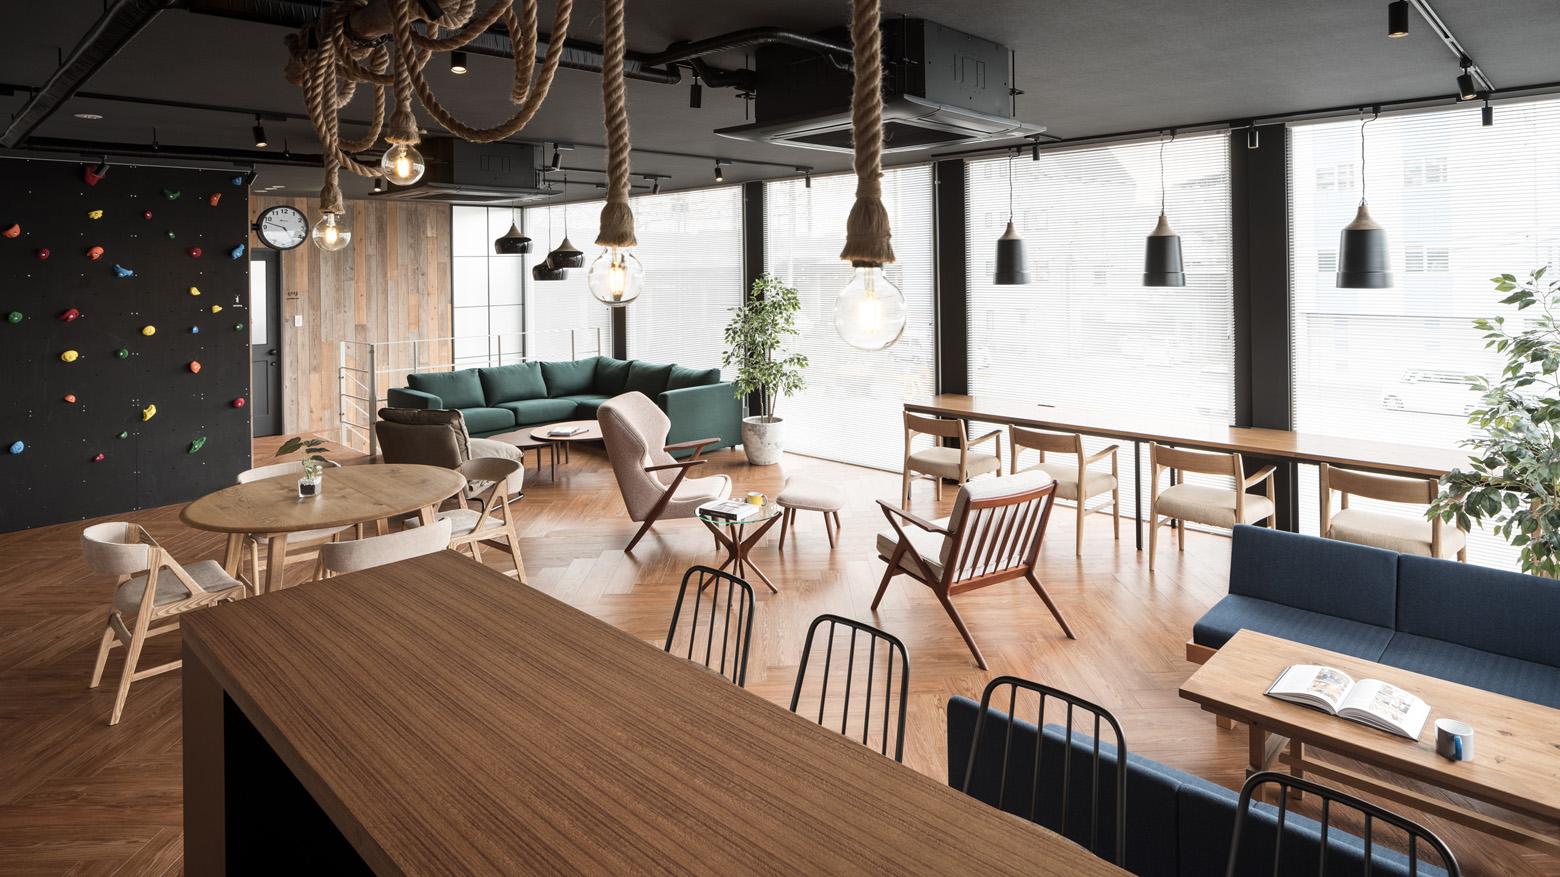 ベイラインエクスプレス株式会社 Lounge_2 デザイン・レイアウト事例